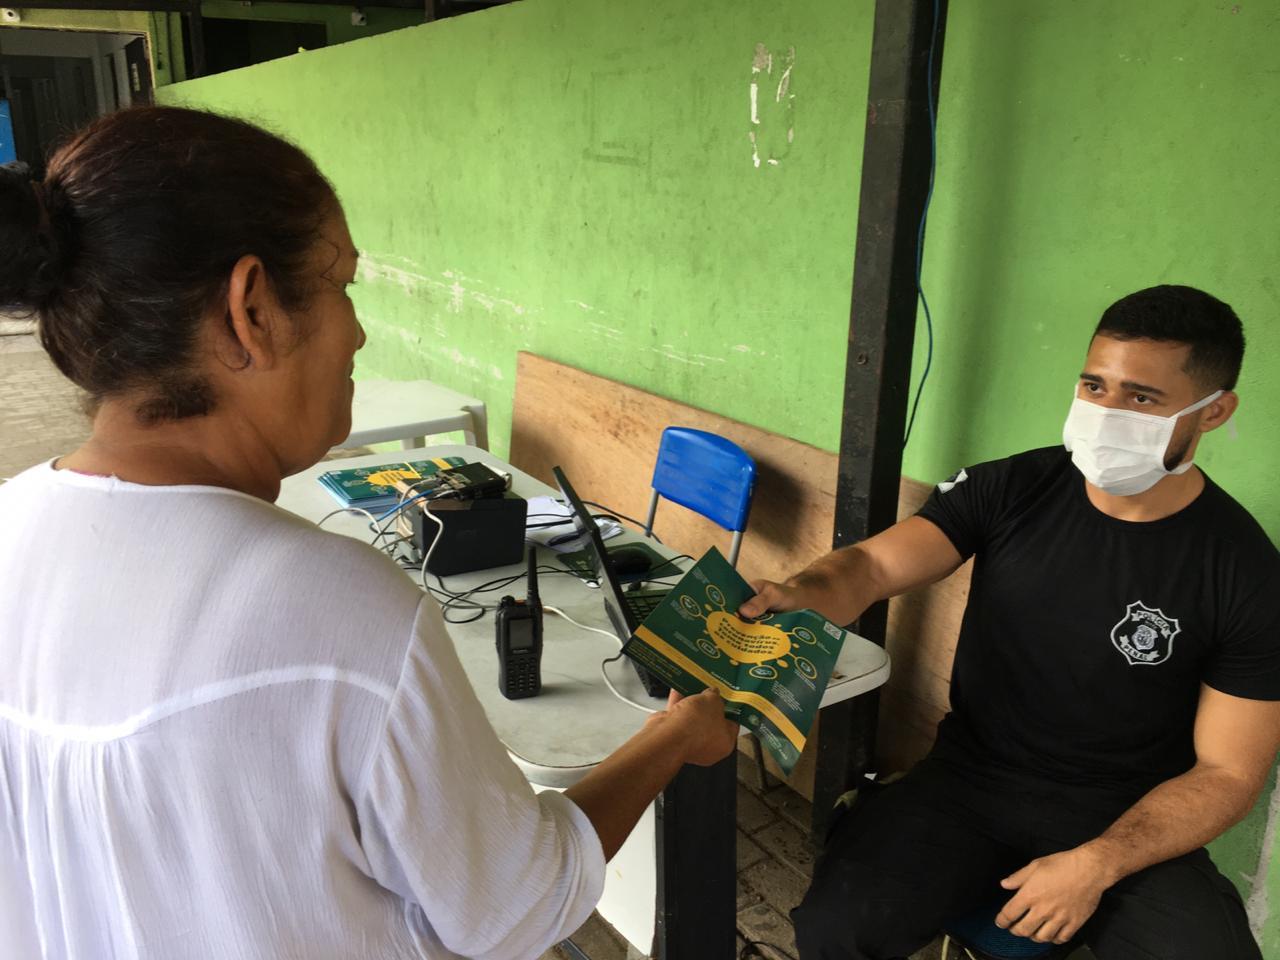 Distribuição de informativos sobre o coronavírus